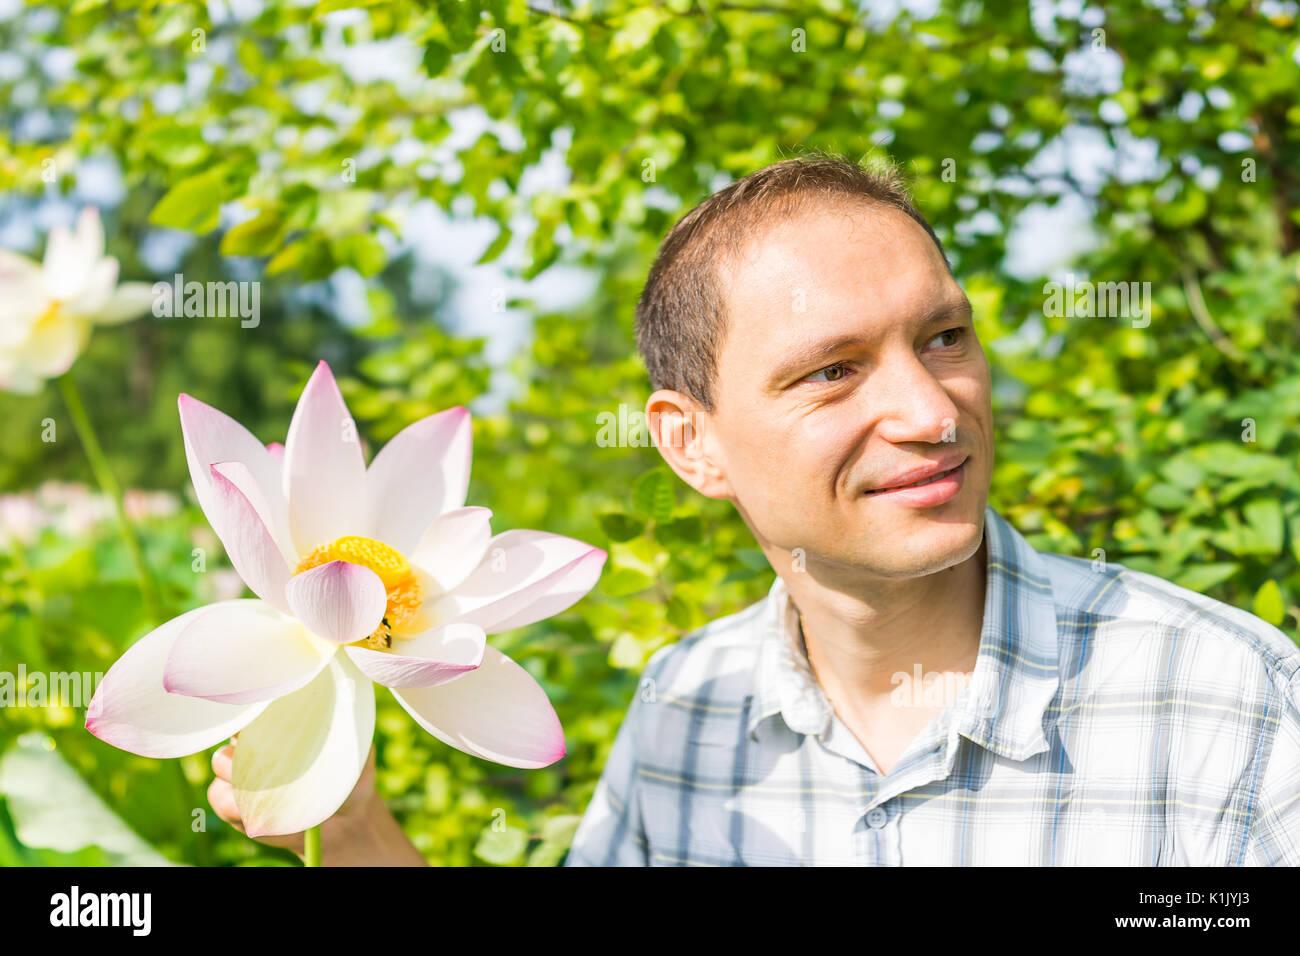 Closeup retrato de joven sonriente sosteniendo brillante blanco y rosa flor de loto con vaina de color amarillo en el interior Imagen De Stock